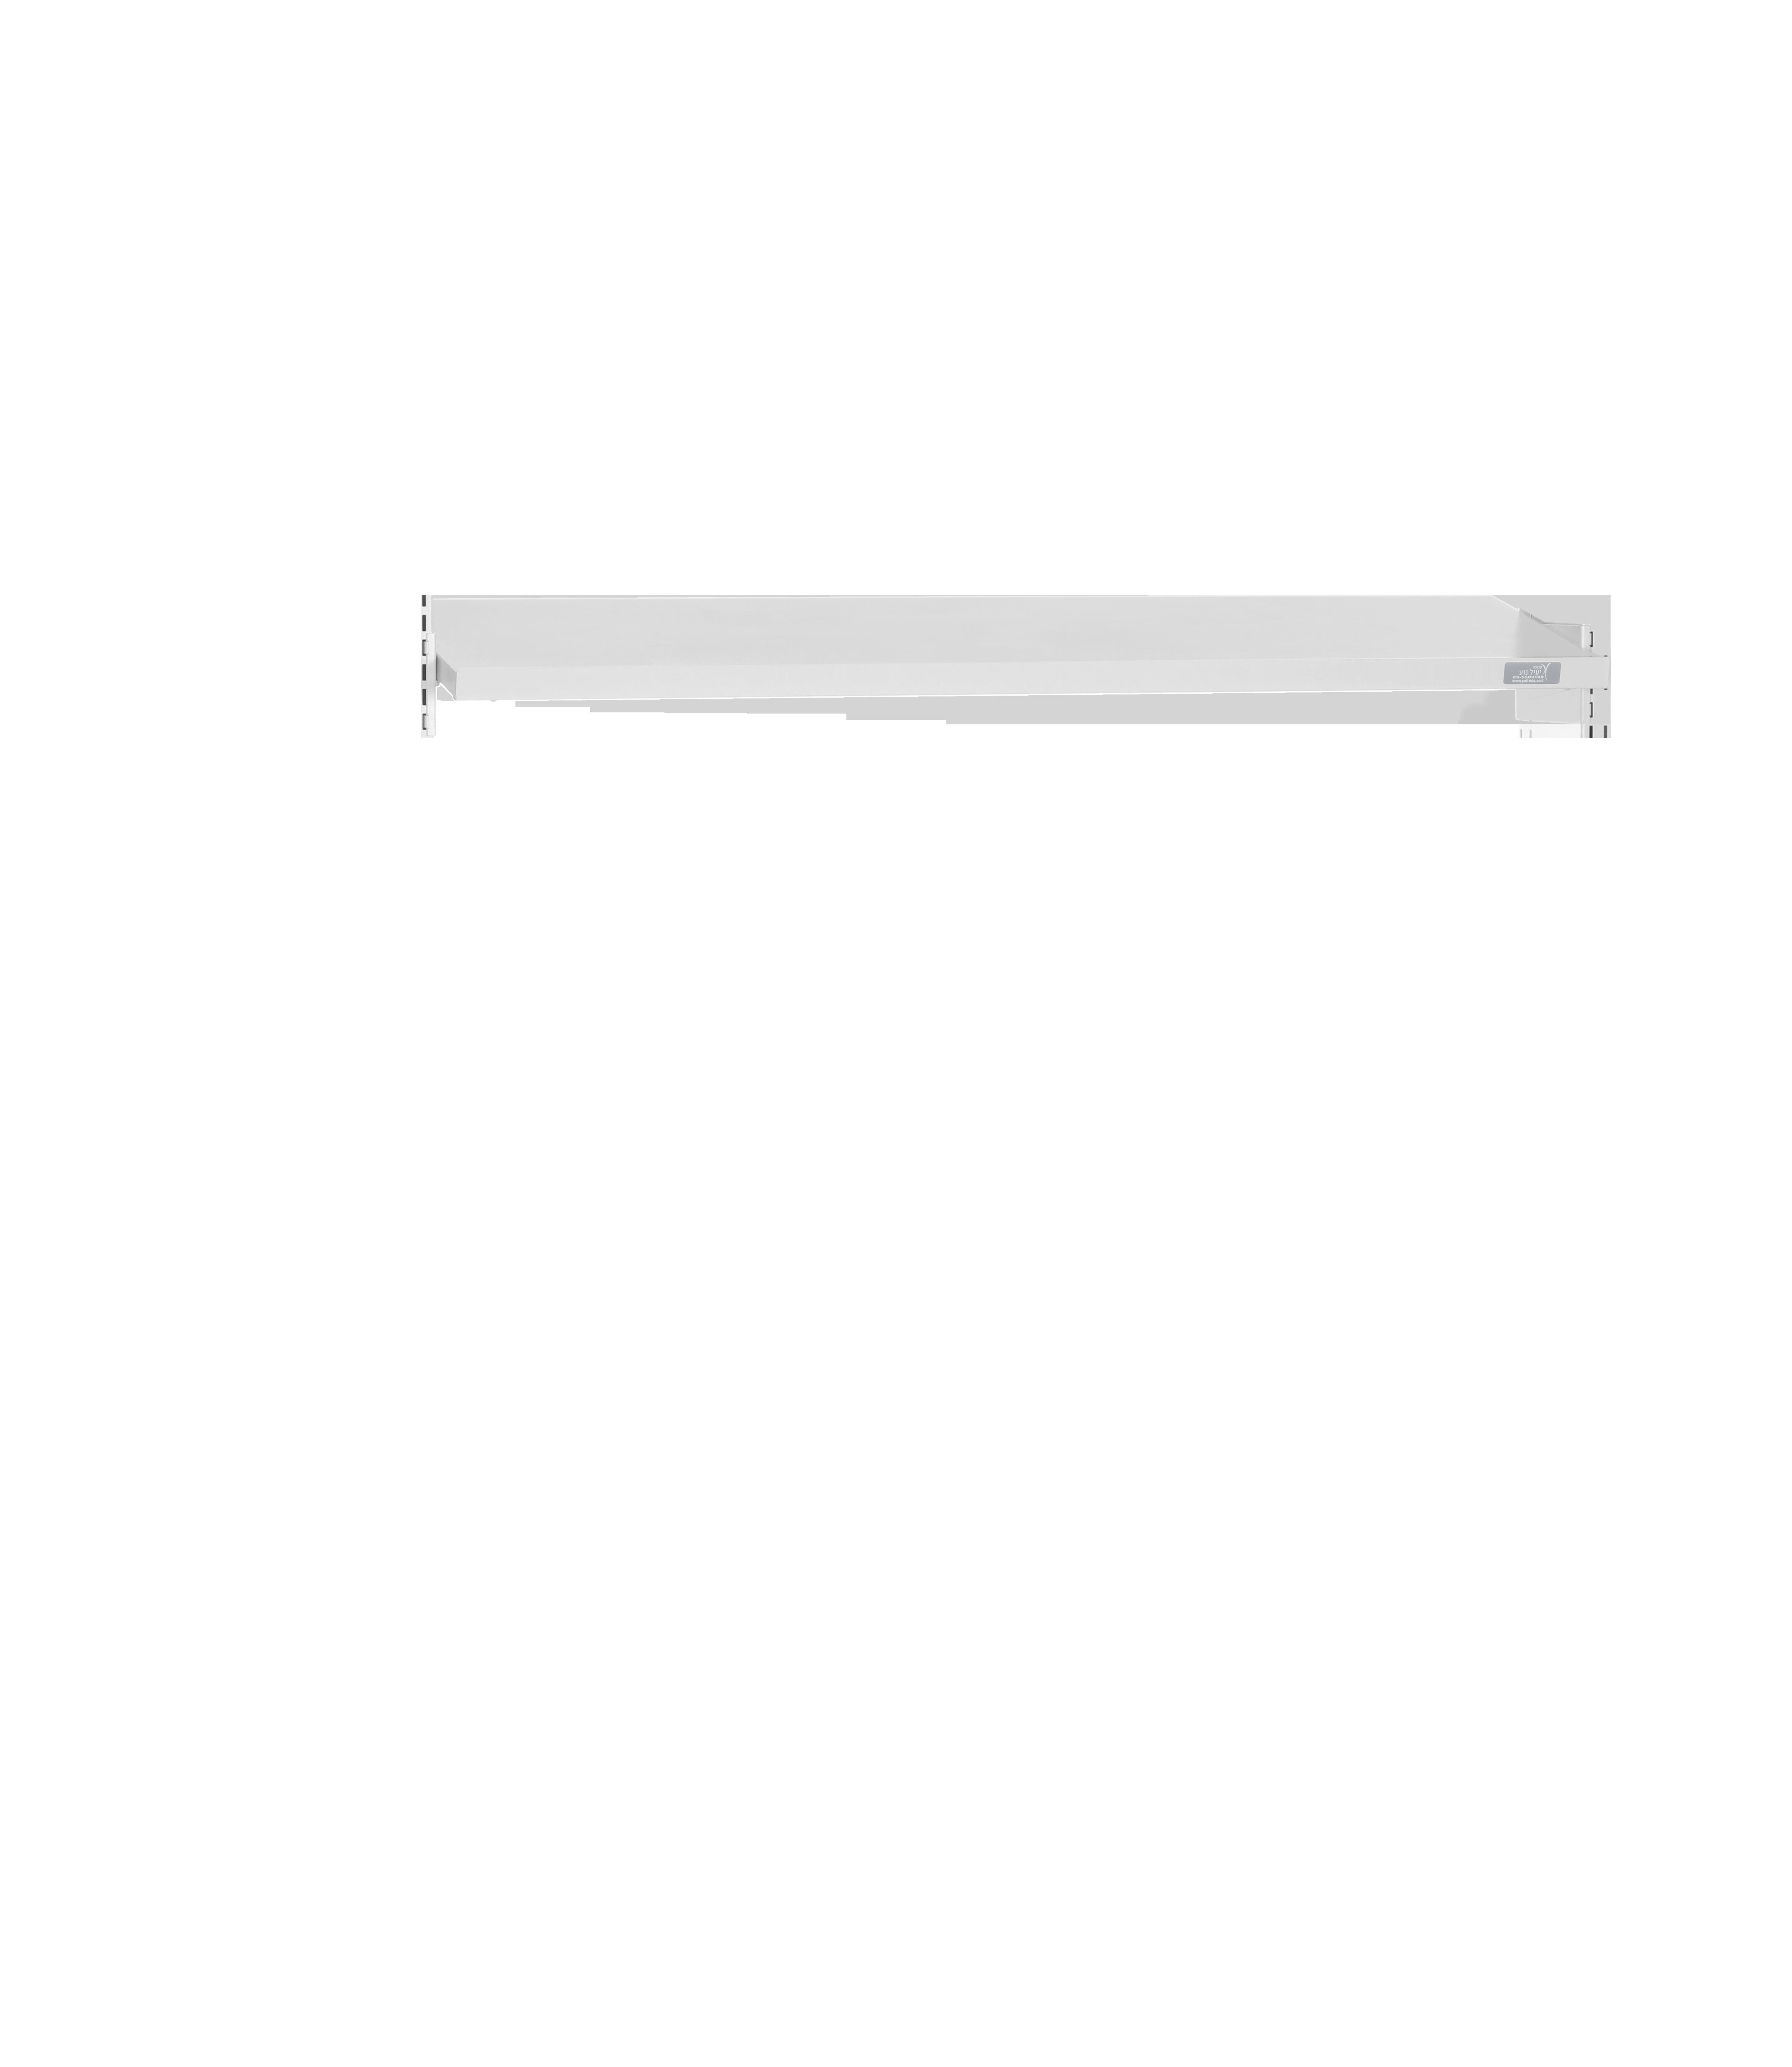 מדף תחתון עם שיפוע